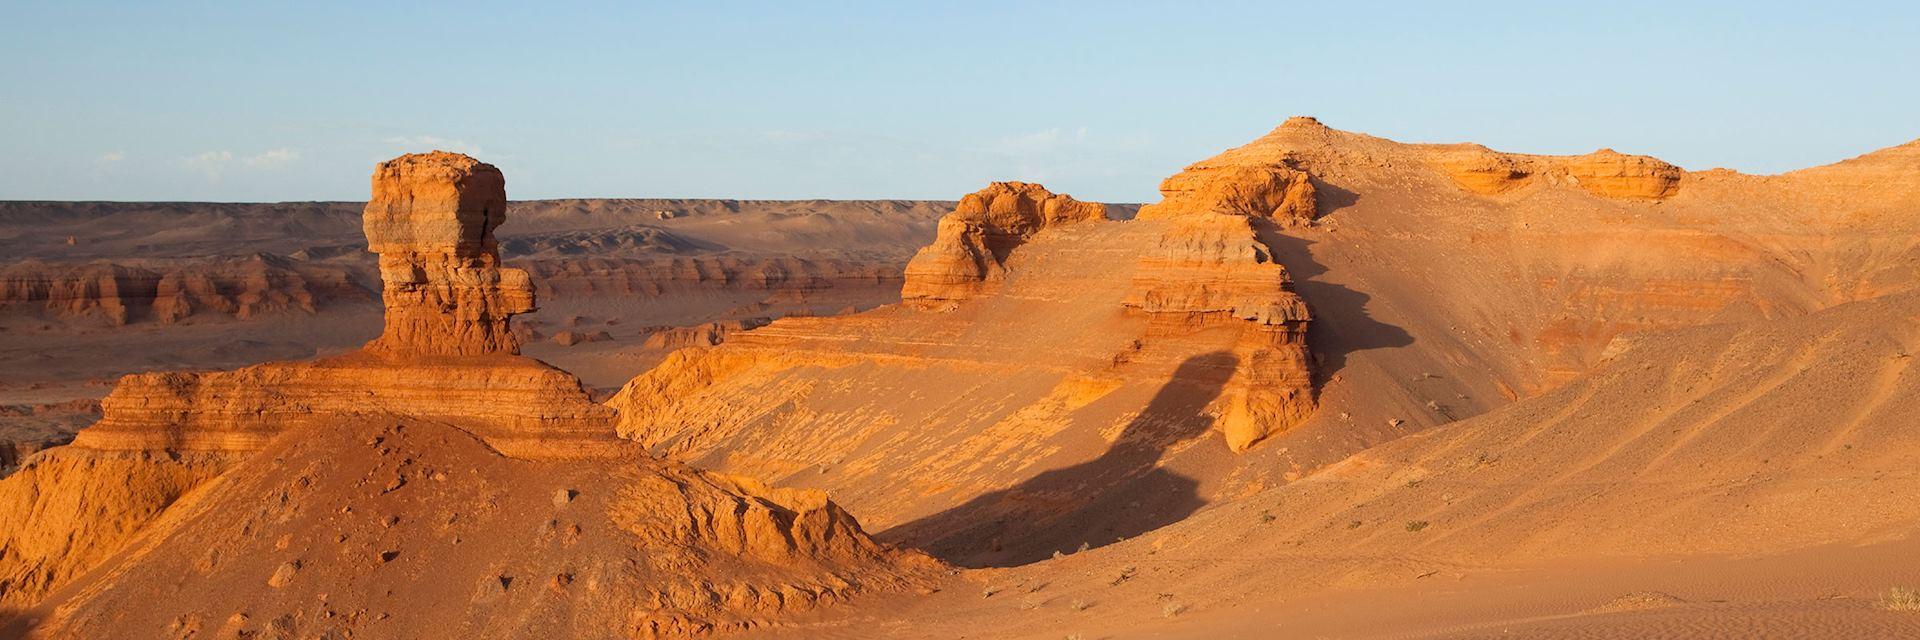 Evening light in the Gobi Desert